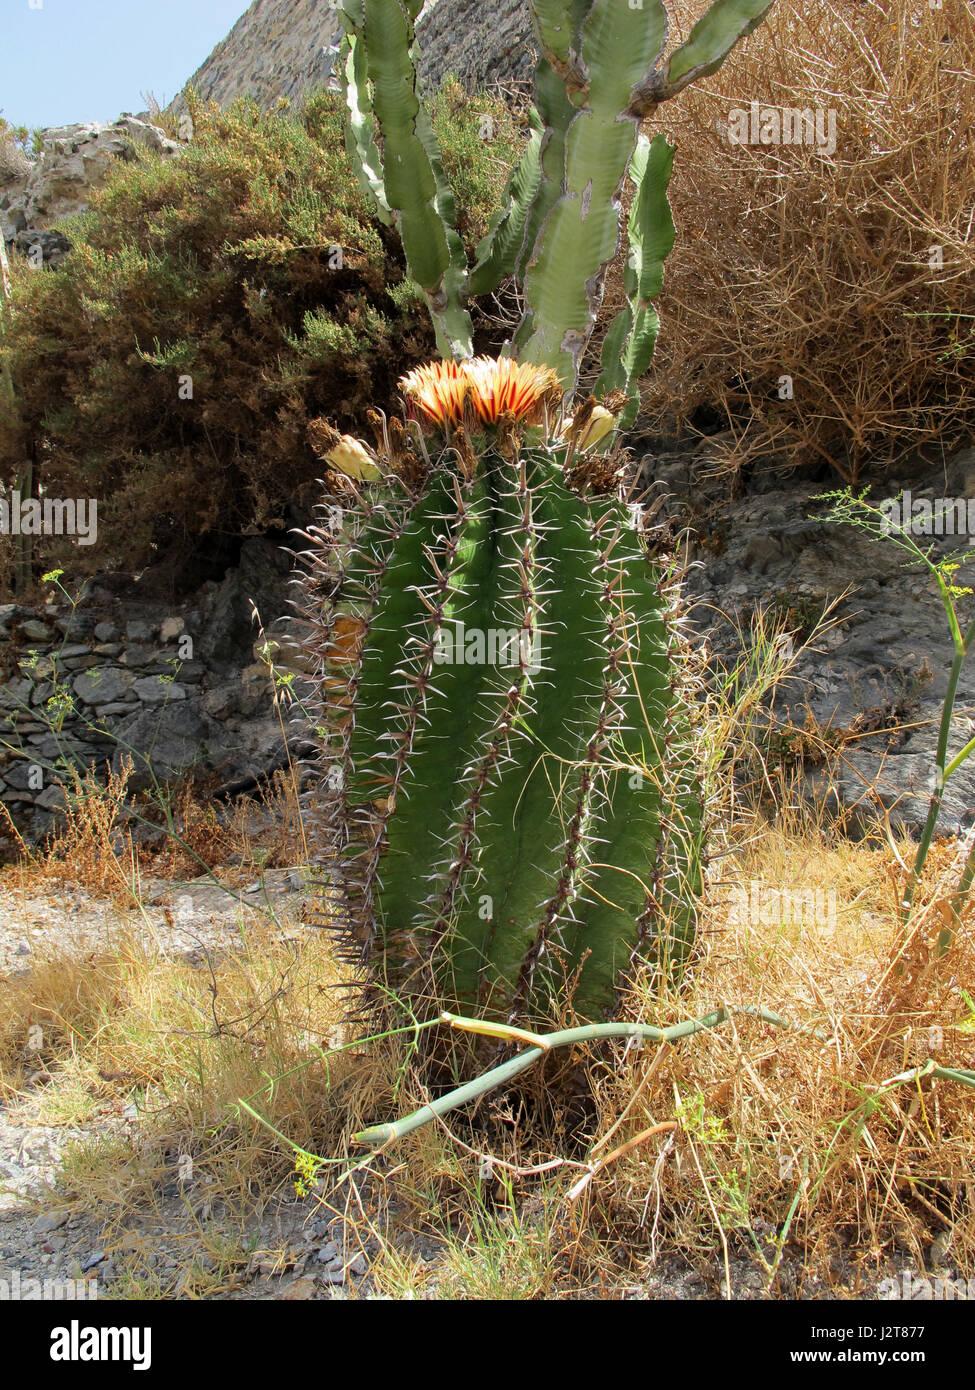 Sexi stock photos sexi stock images alamy for Jardineras de cactus